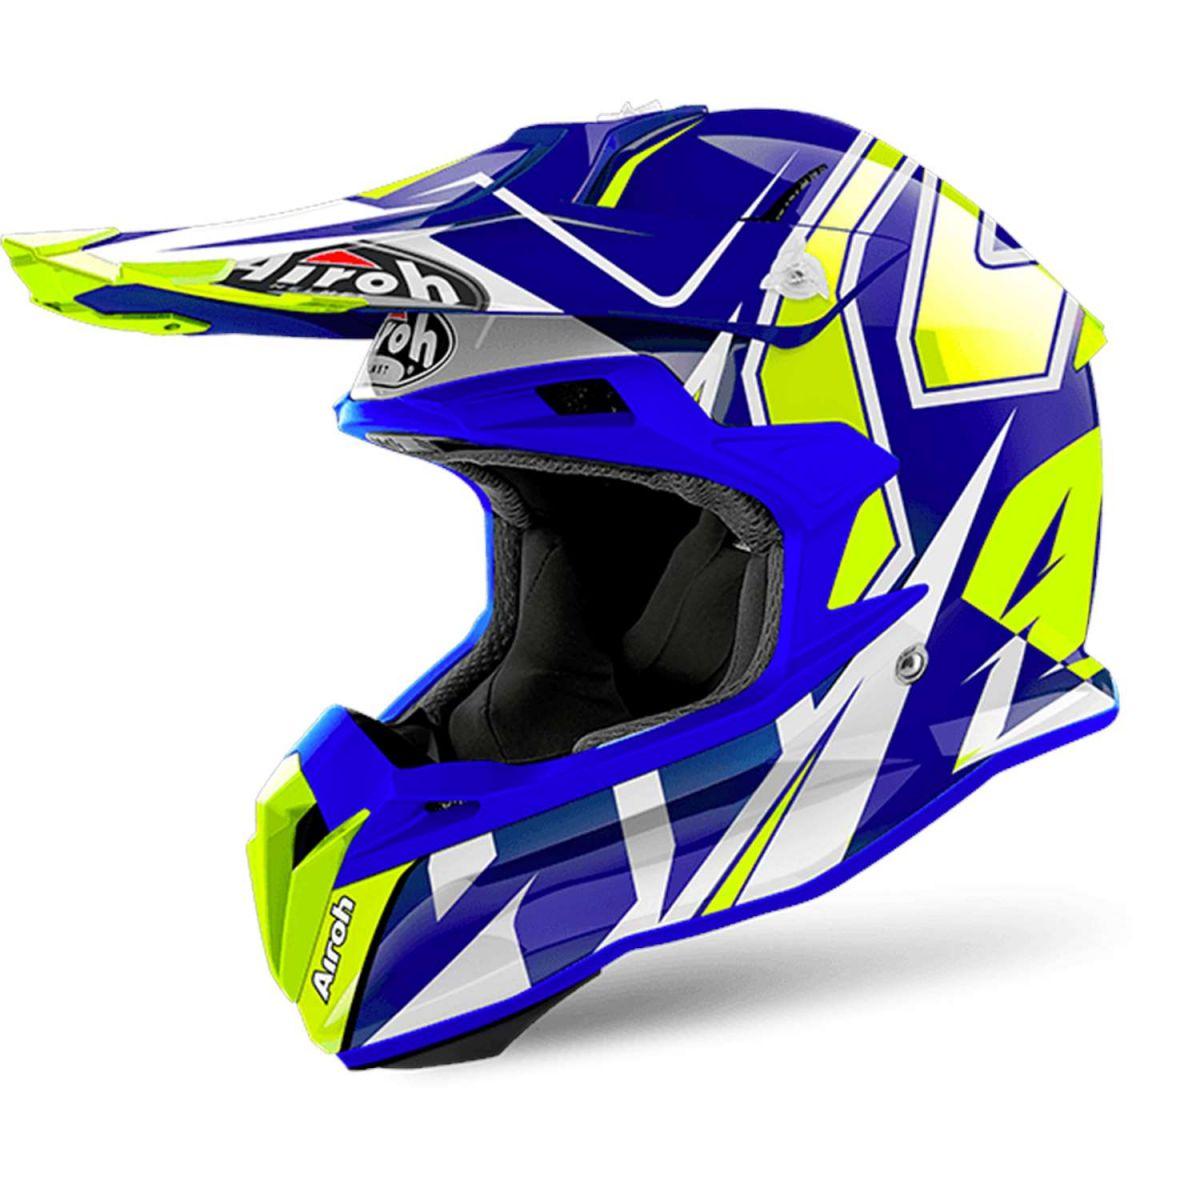 Airoh - Terminator Open Vision Shock Blue шлем, синий